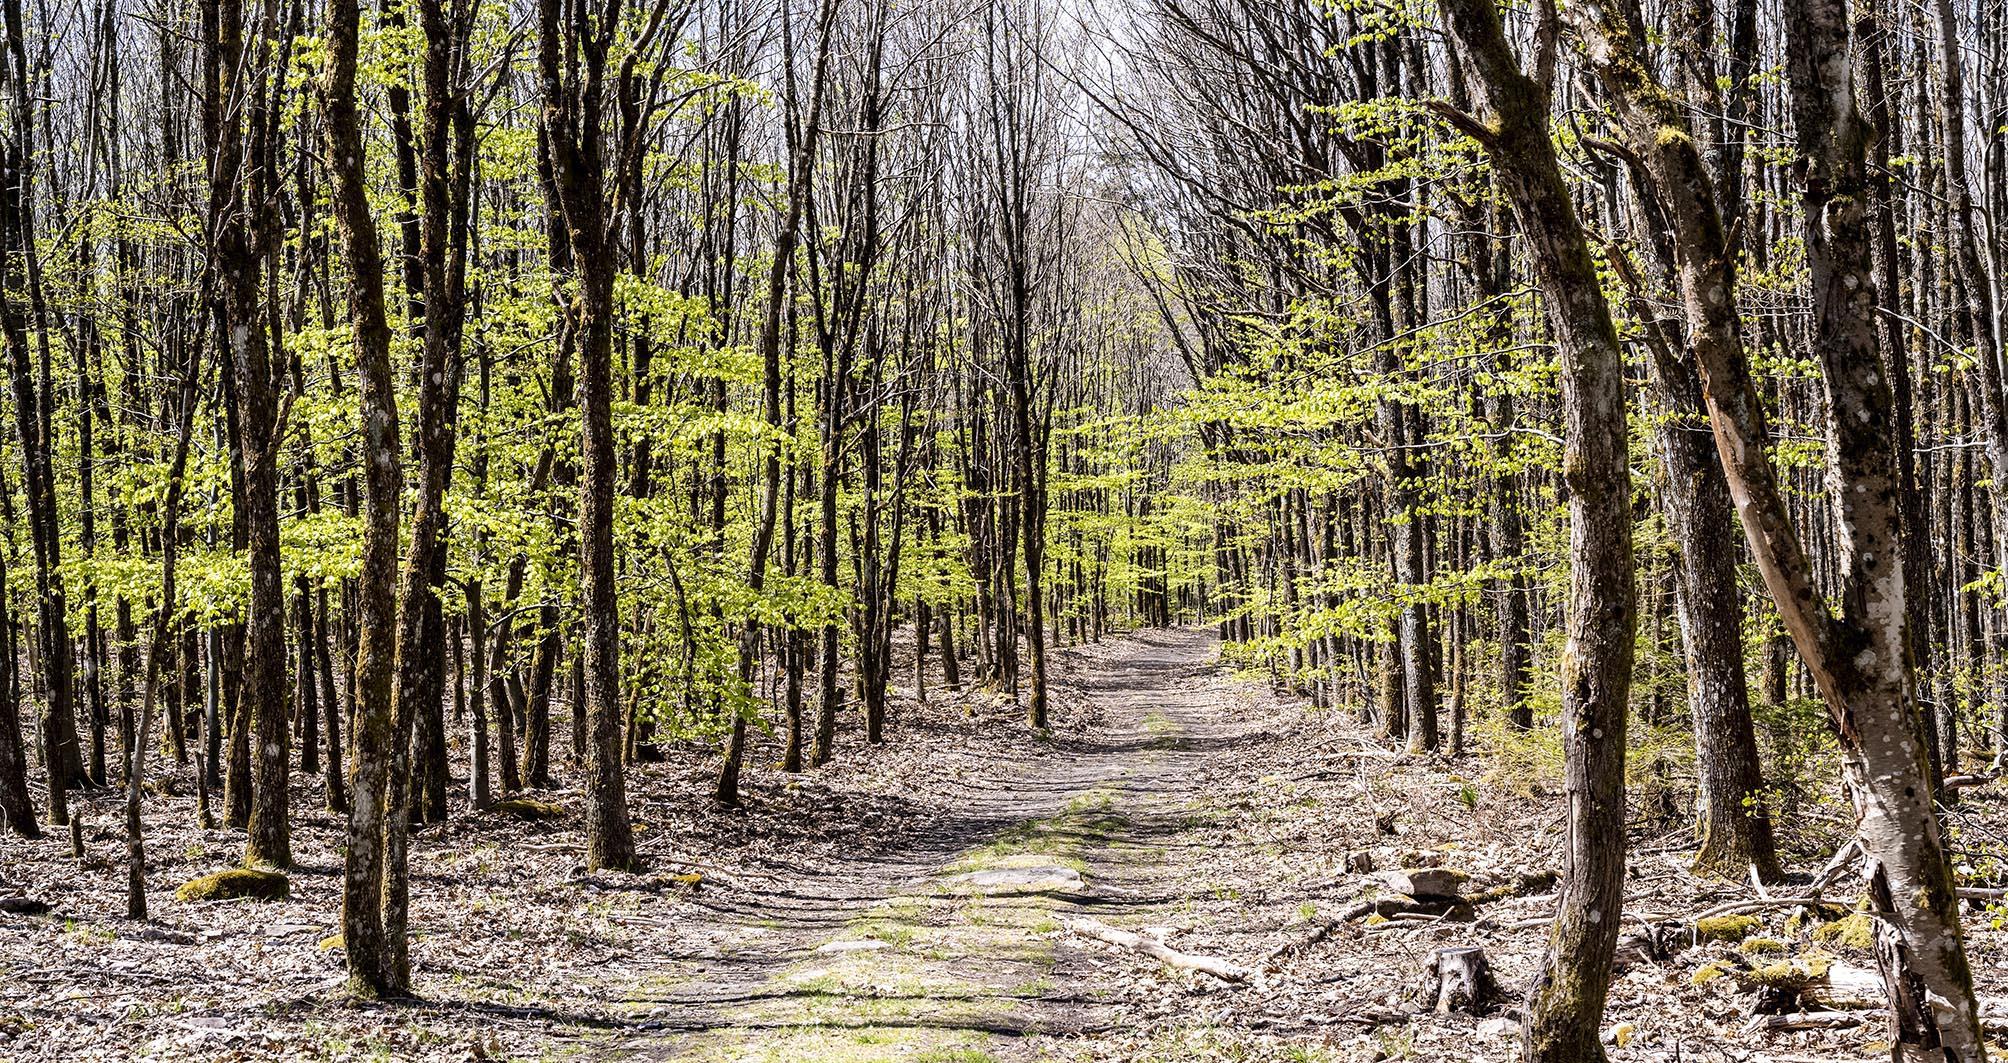 Weg durch den in zartem Grün neu sprießenden Wald